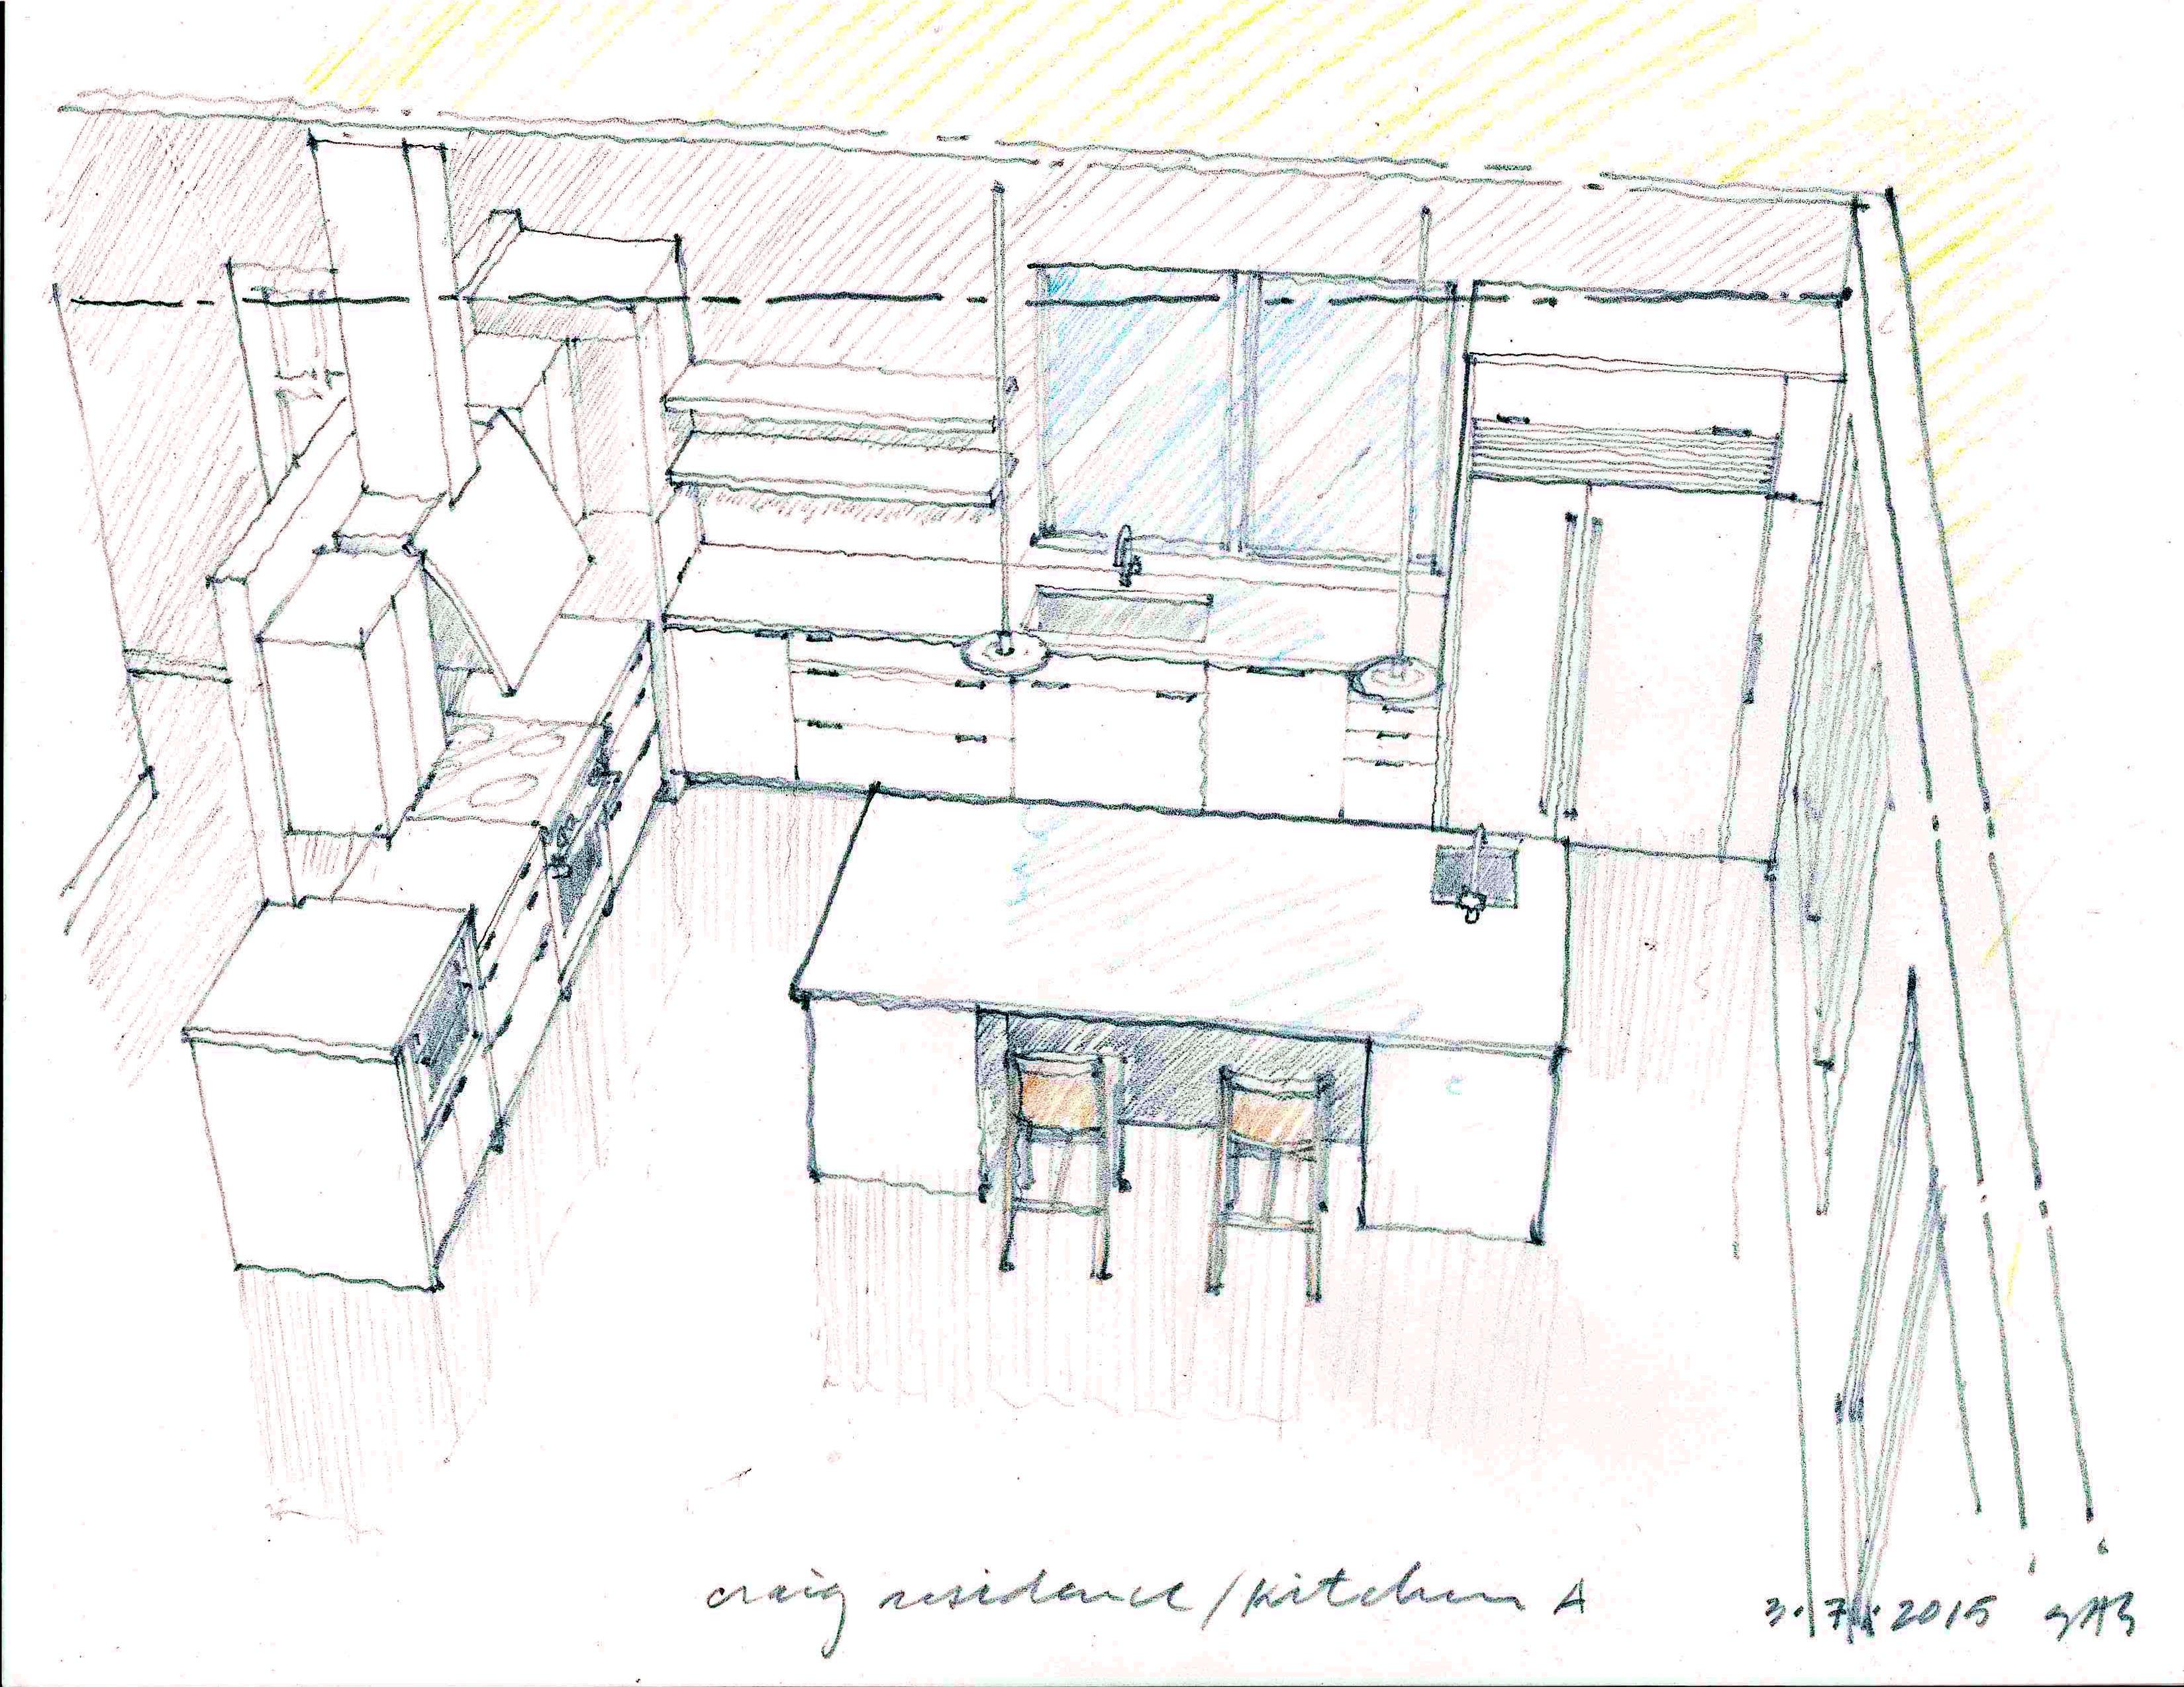 scott a. stultz - blog - leftover kitchen design